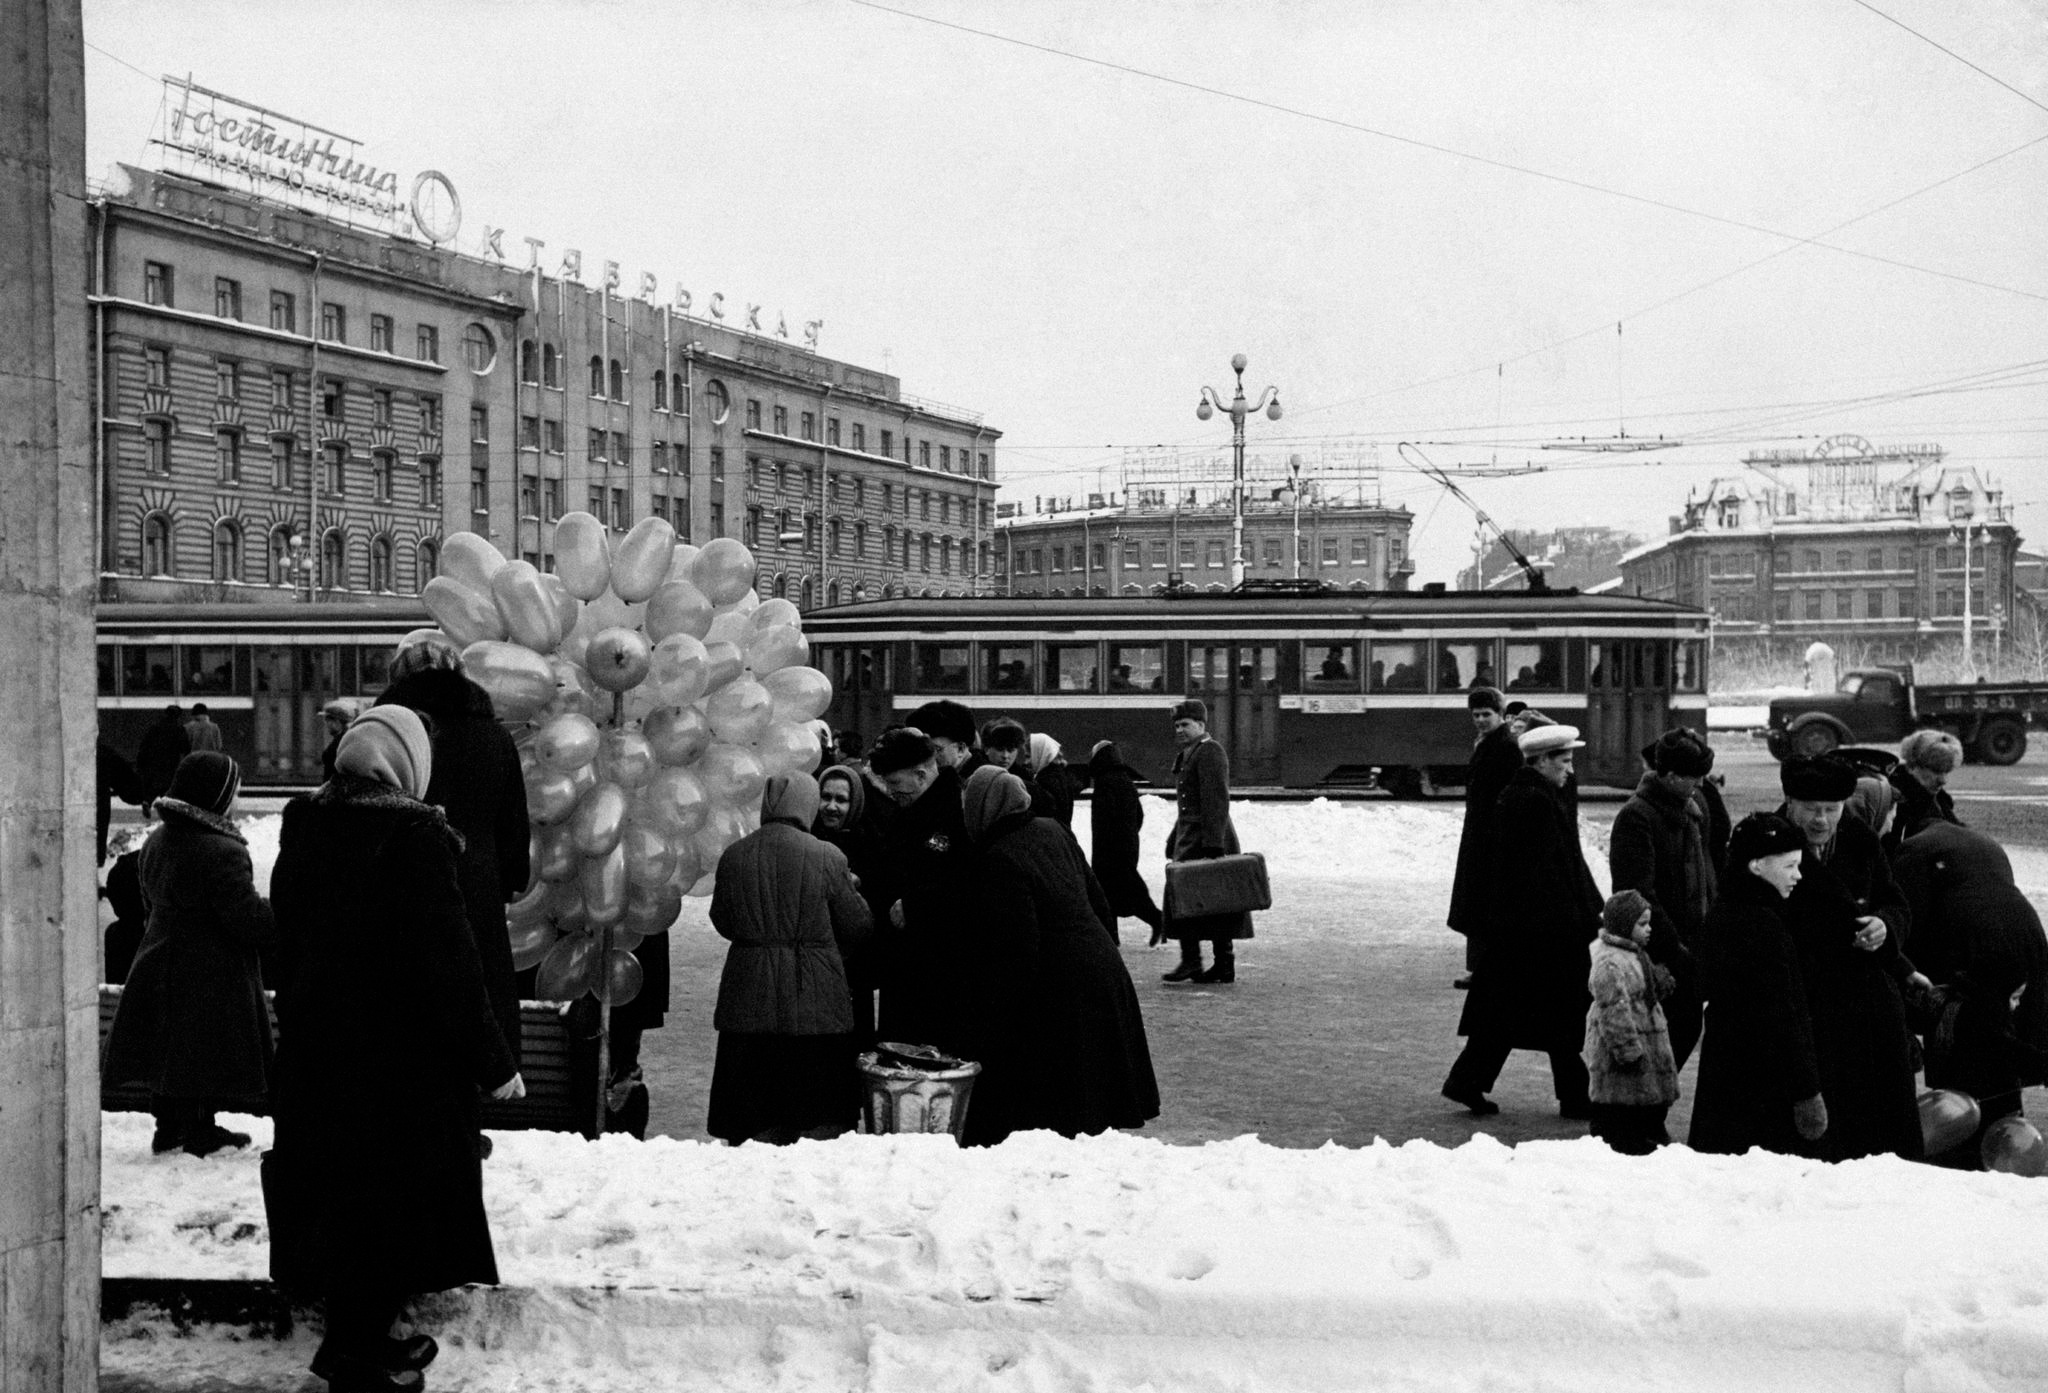 Продажа воздушных шариков у станции метро «Площадь Восстания».